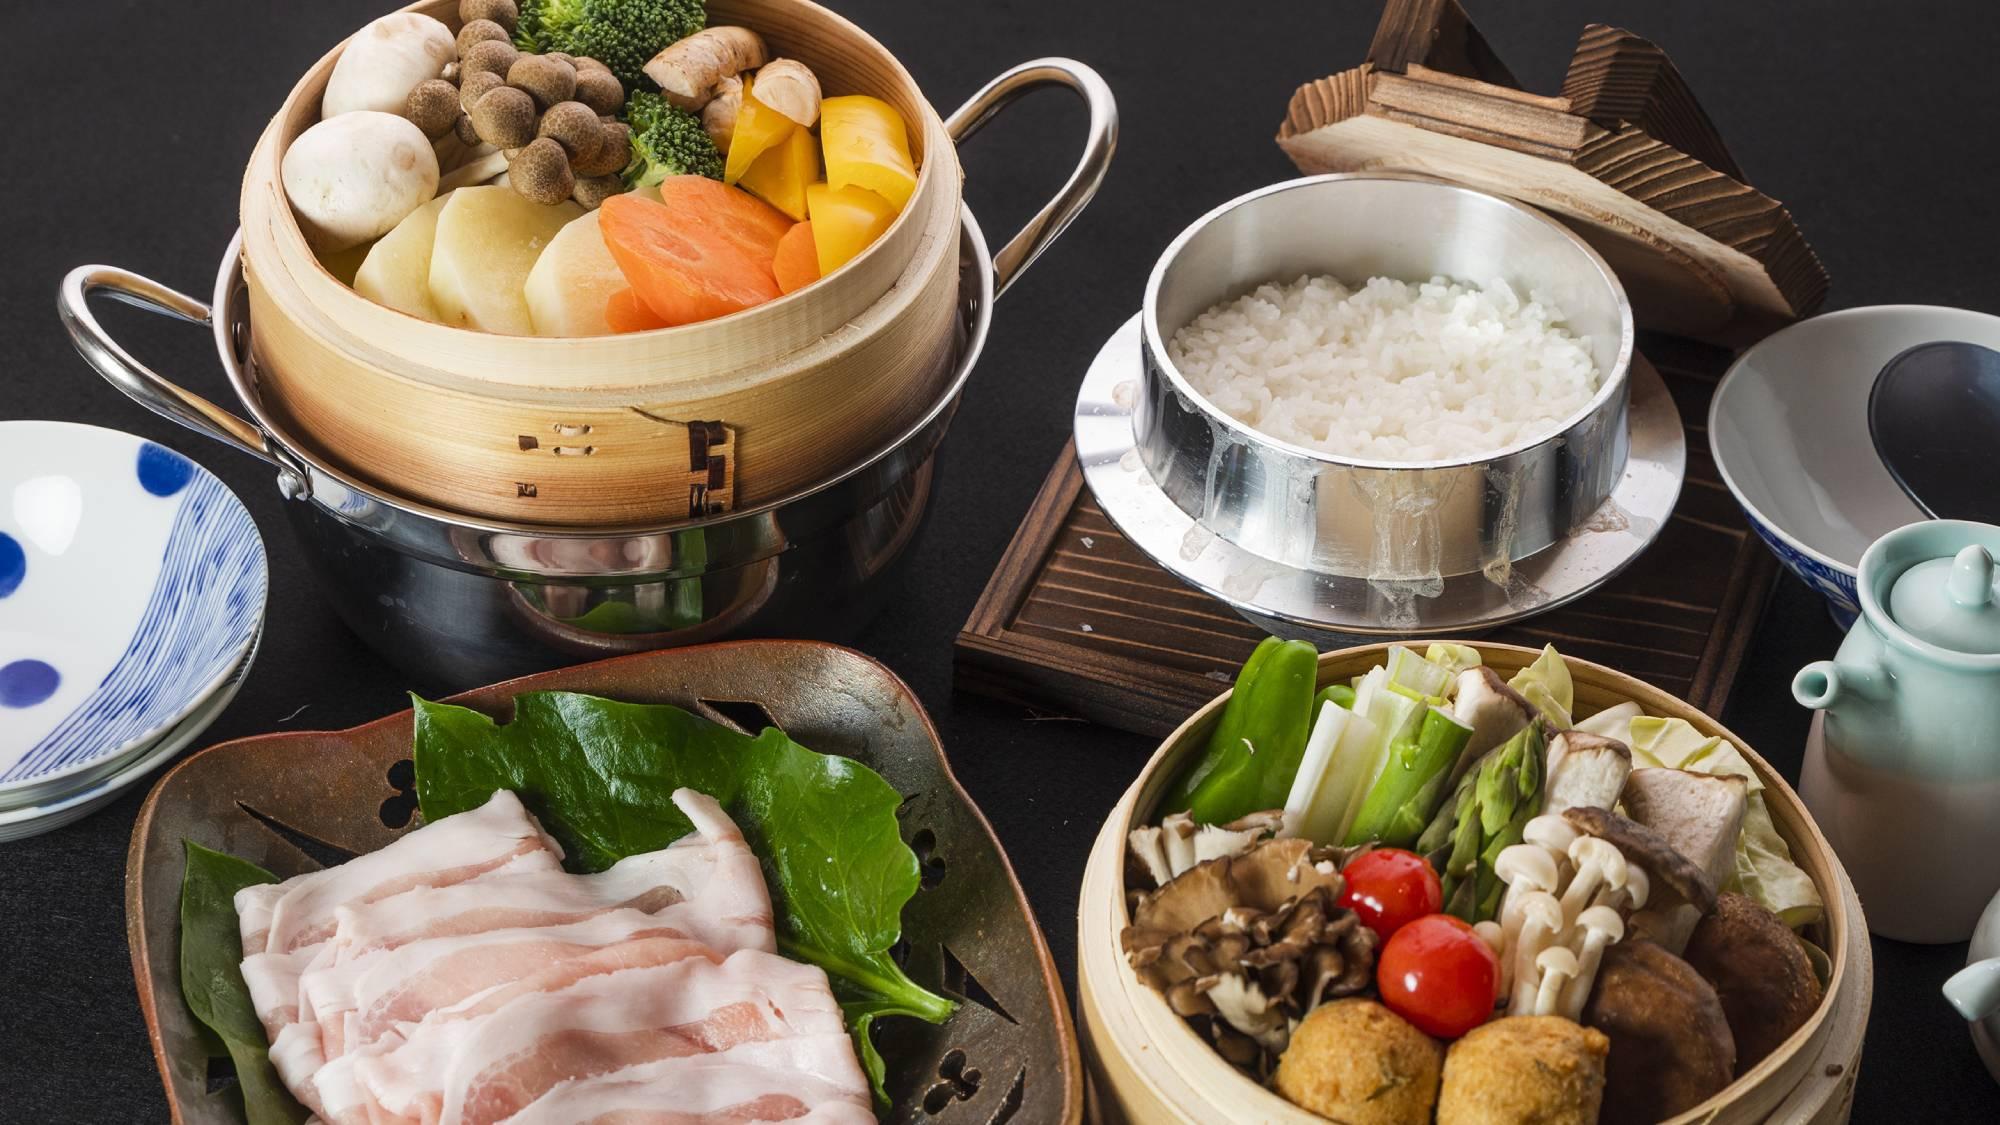 ・夕食+旬のお野菜と黒豚蒸し(写真2人前)+2800円